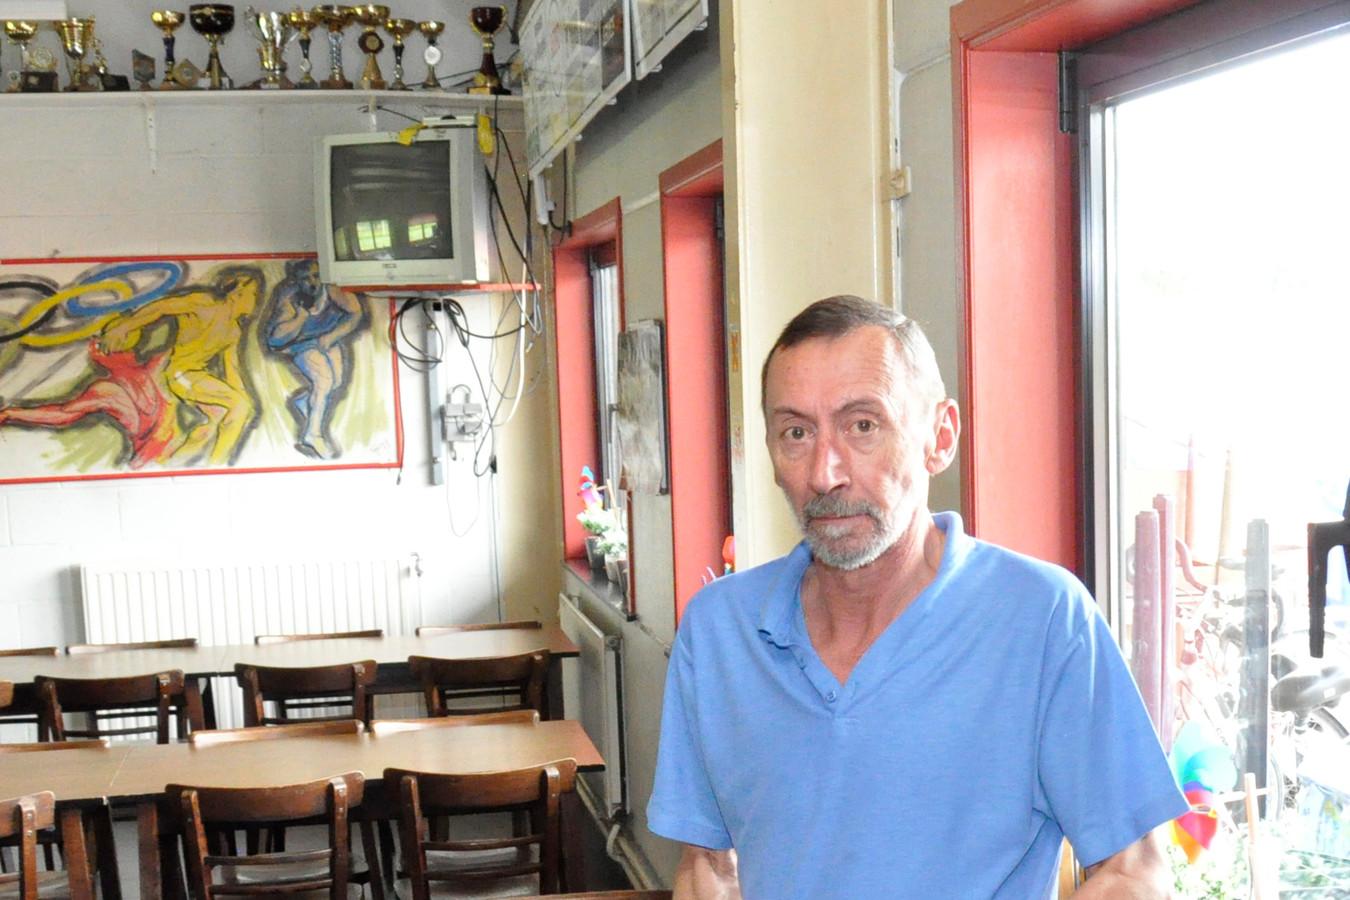 Marcel Soetens was altijd voor of achter de tapkast te vinden van de kantine van Atletiekclub Volharding.